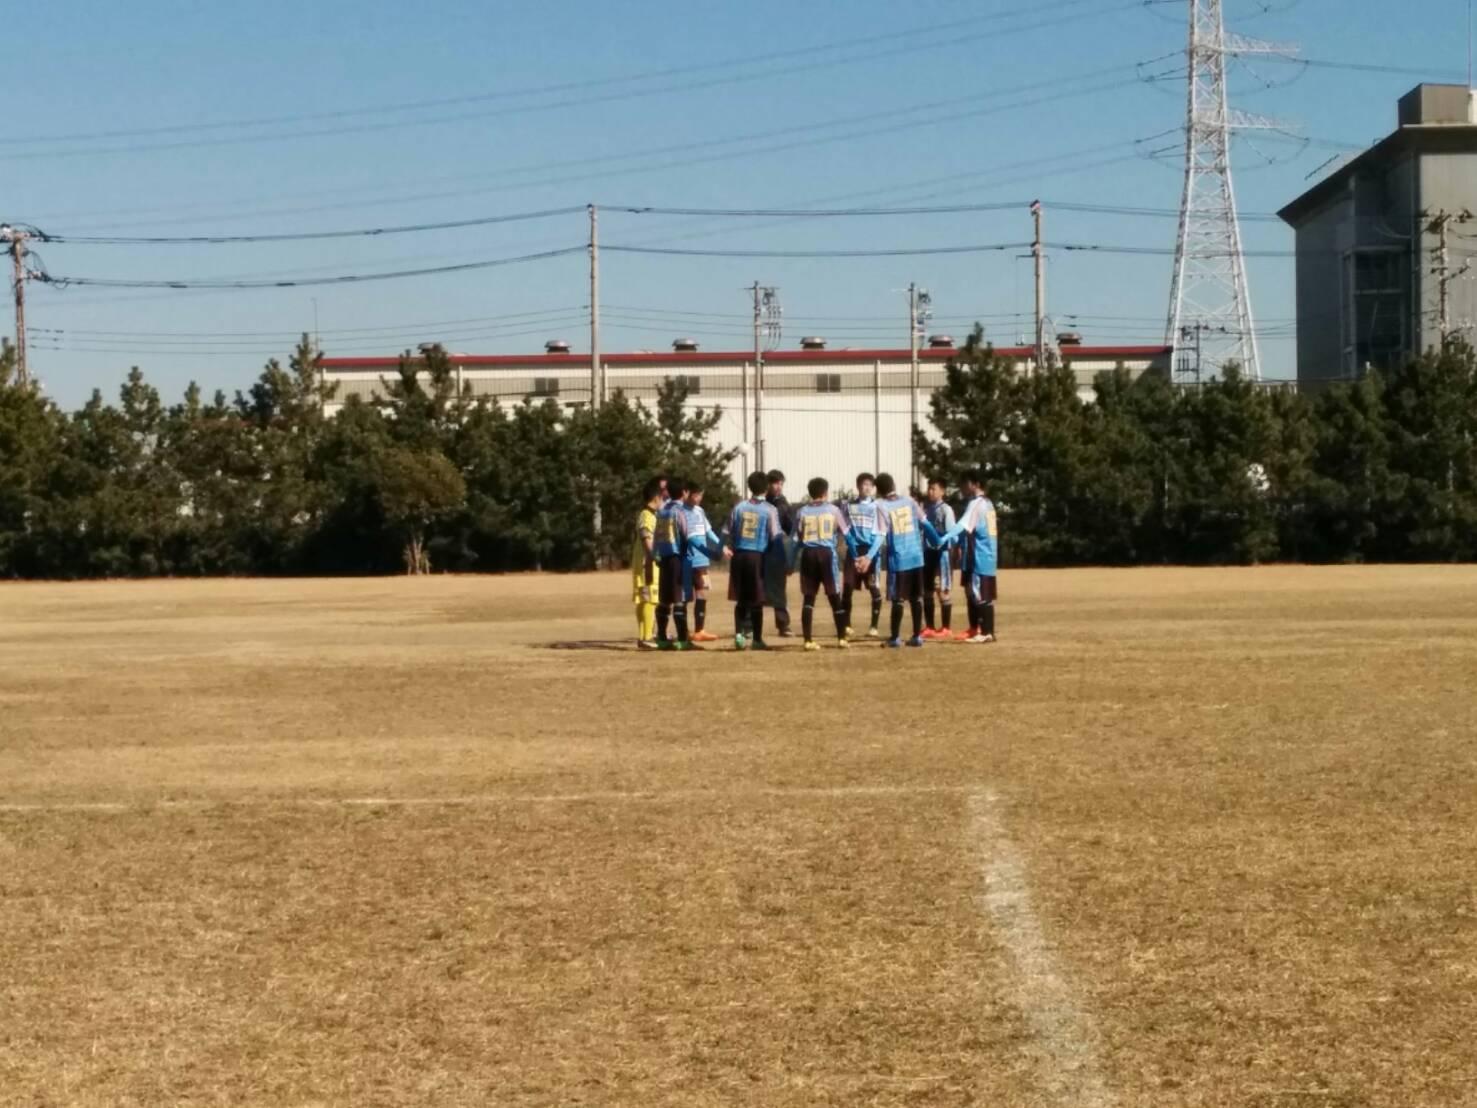 2/4(土)U15トレーニングマッチ